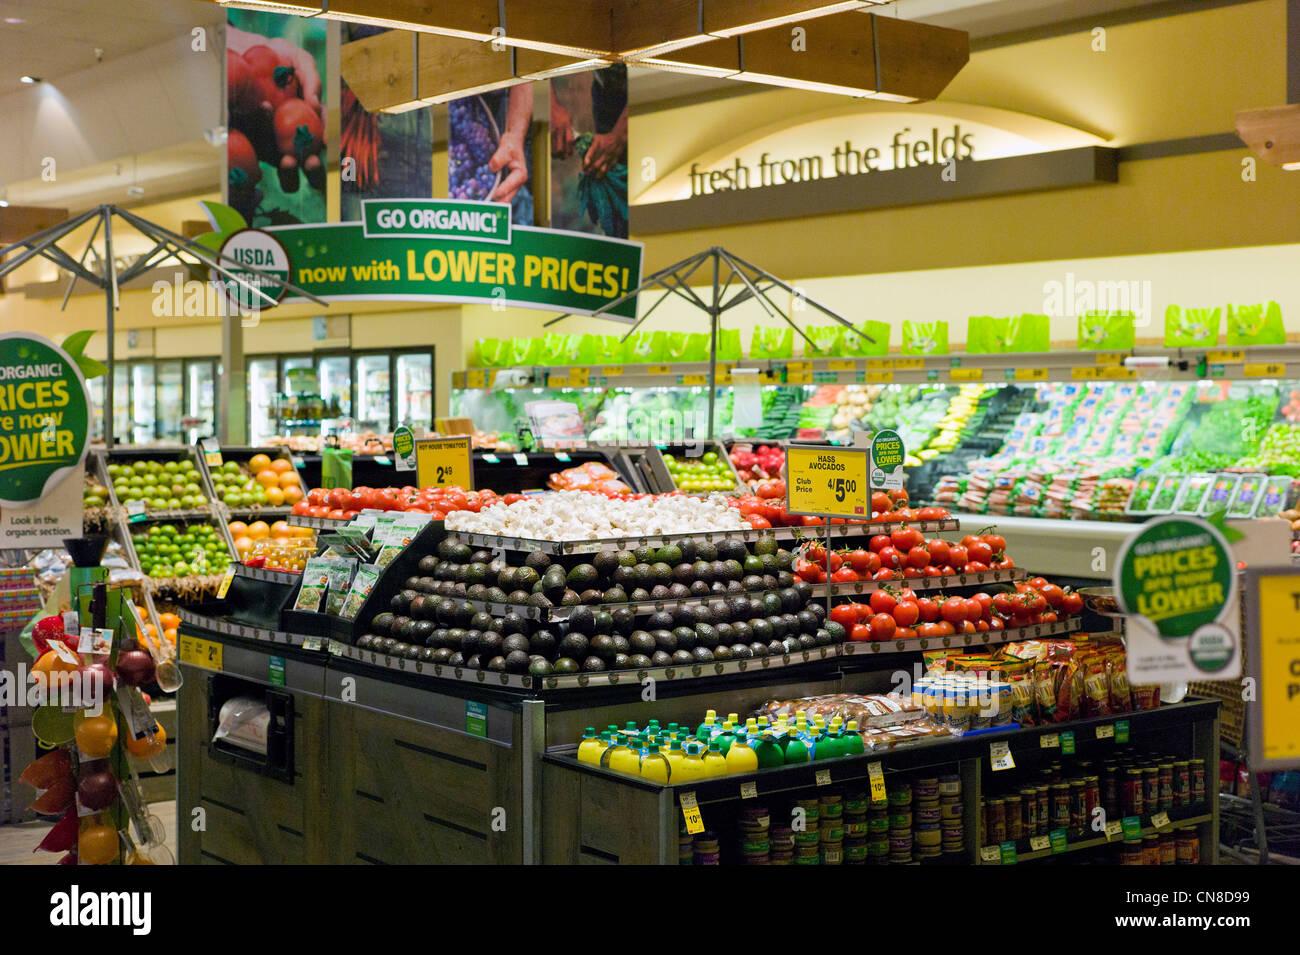 Frischwaren & Gemüse Abschnitt an einem Safeway-Supermarkt, Salida, Colorado, USA Stockbild